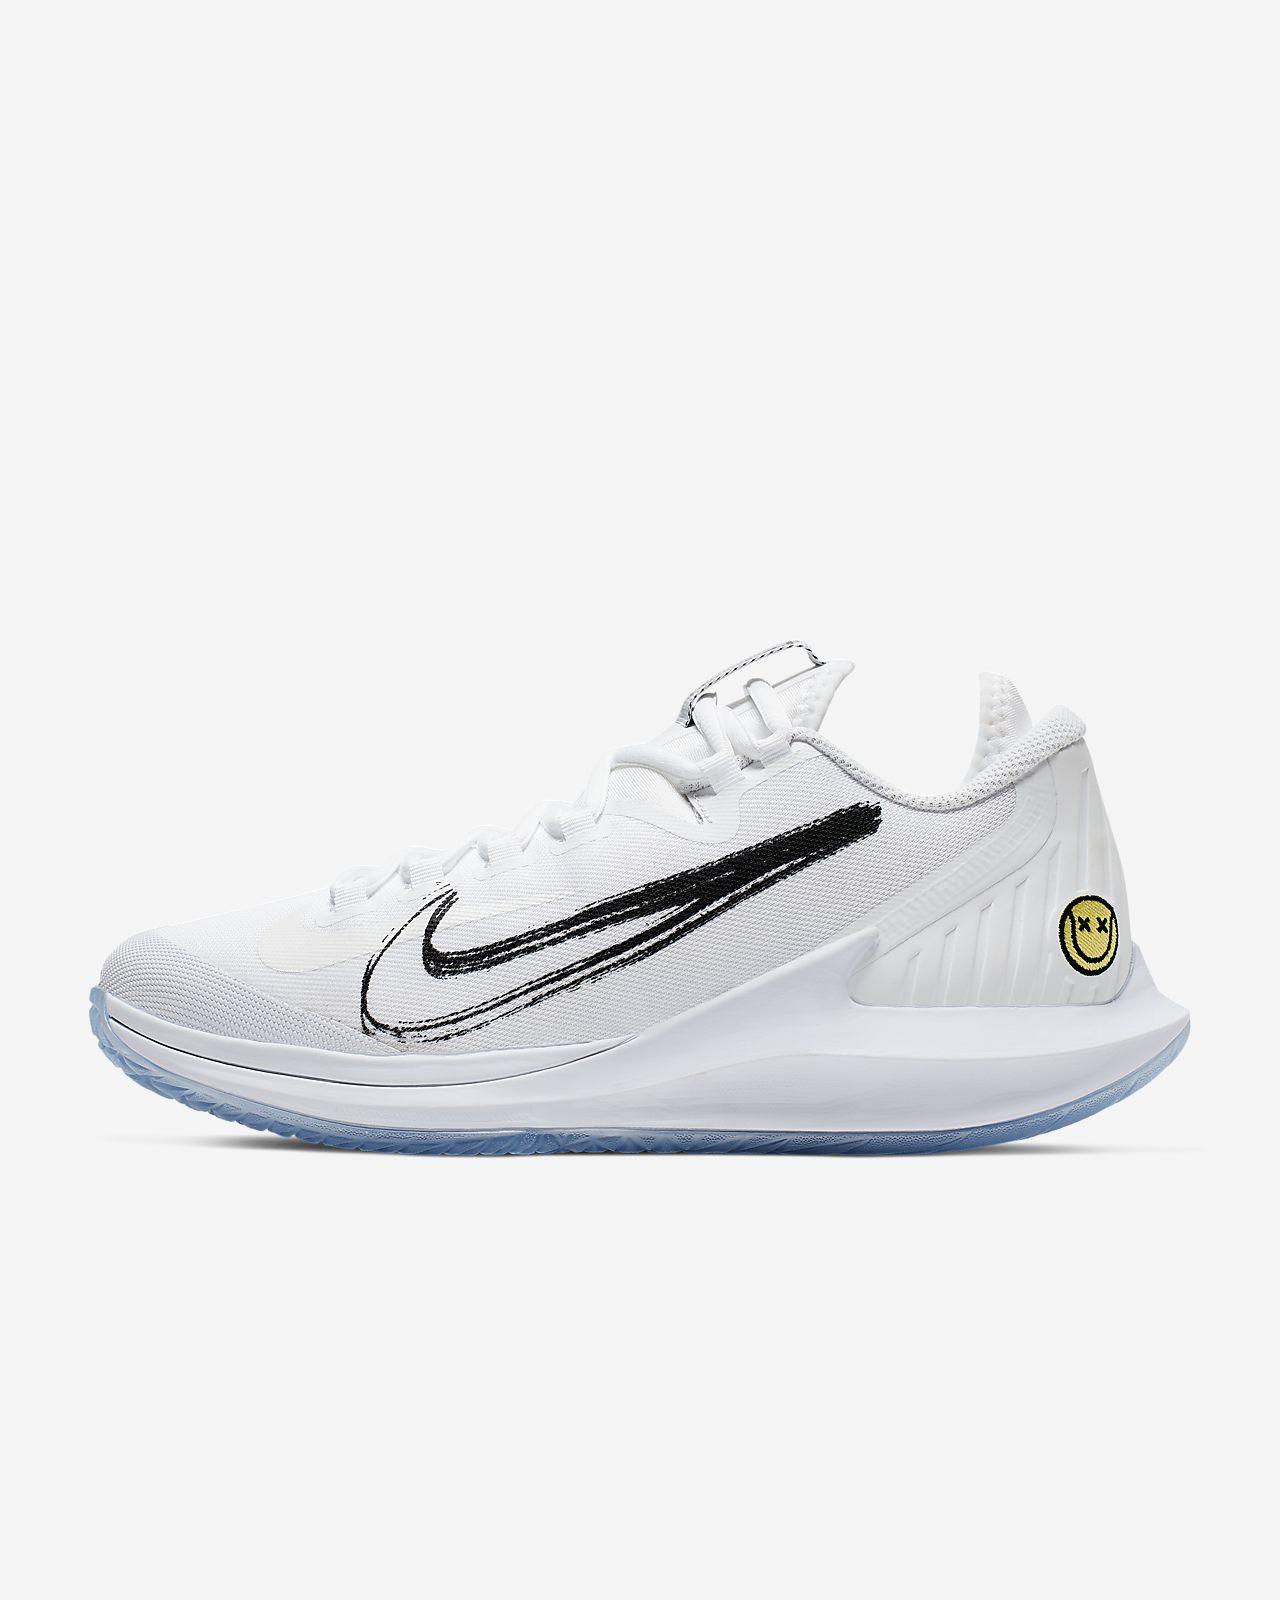 NikeCourt Air Zoom Zero Kadın Tenis Ayakkabısı